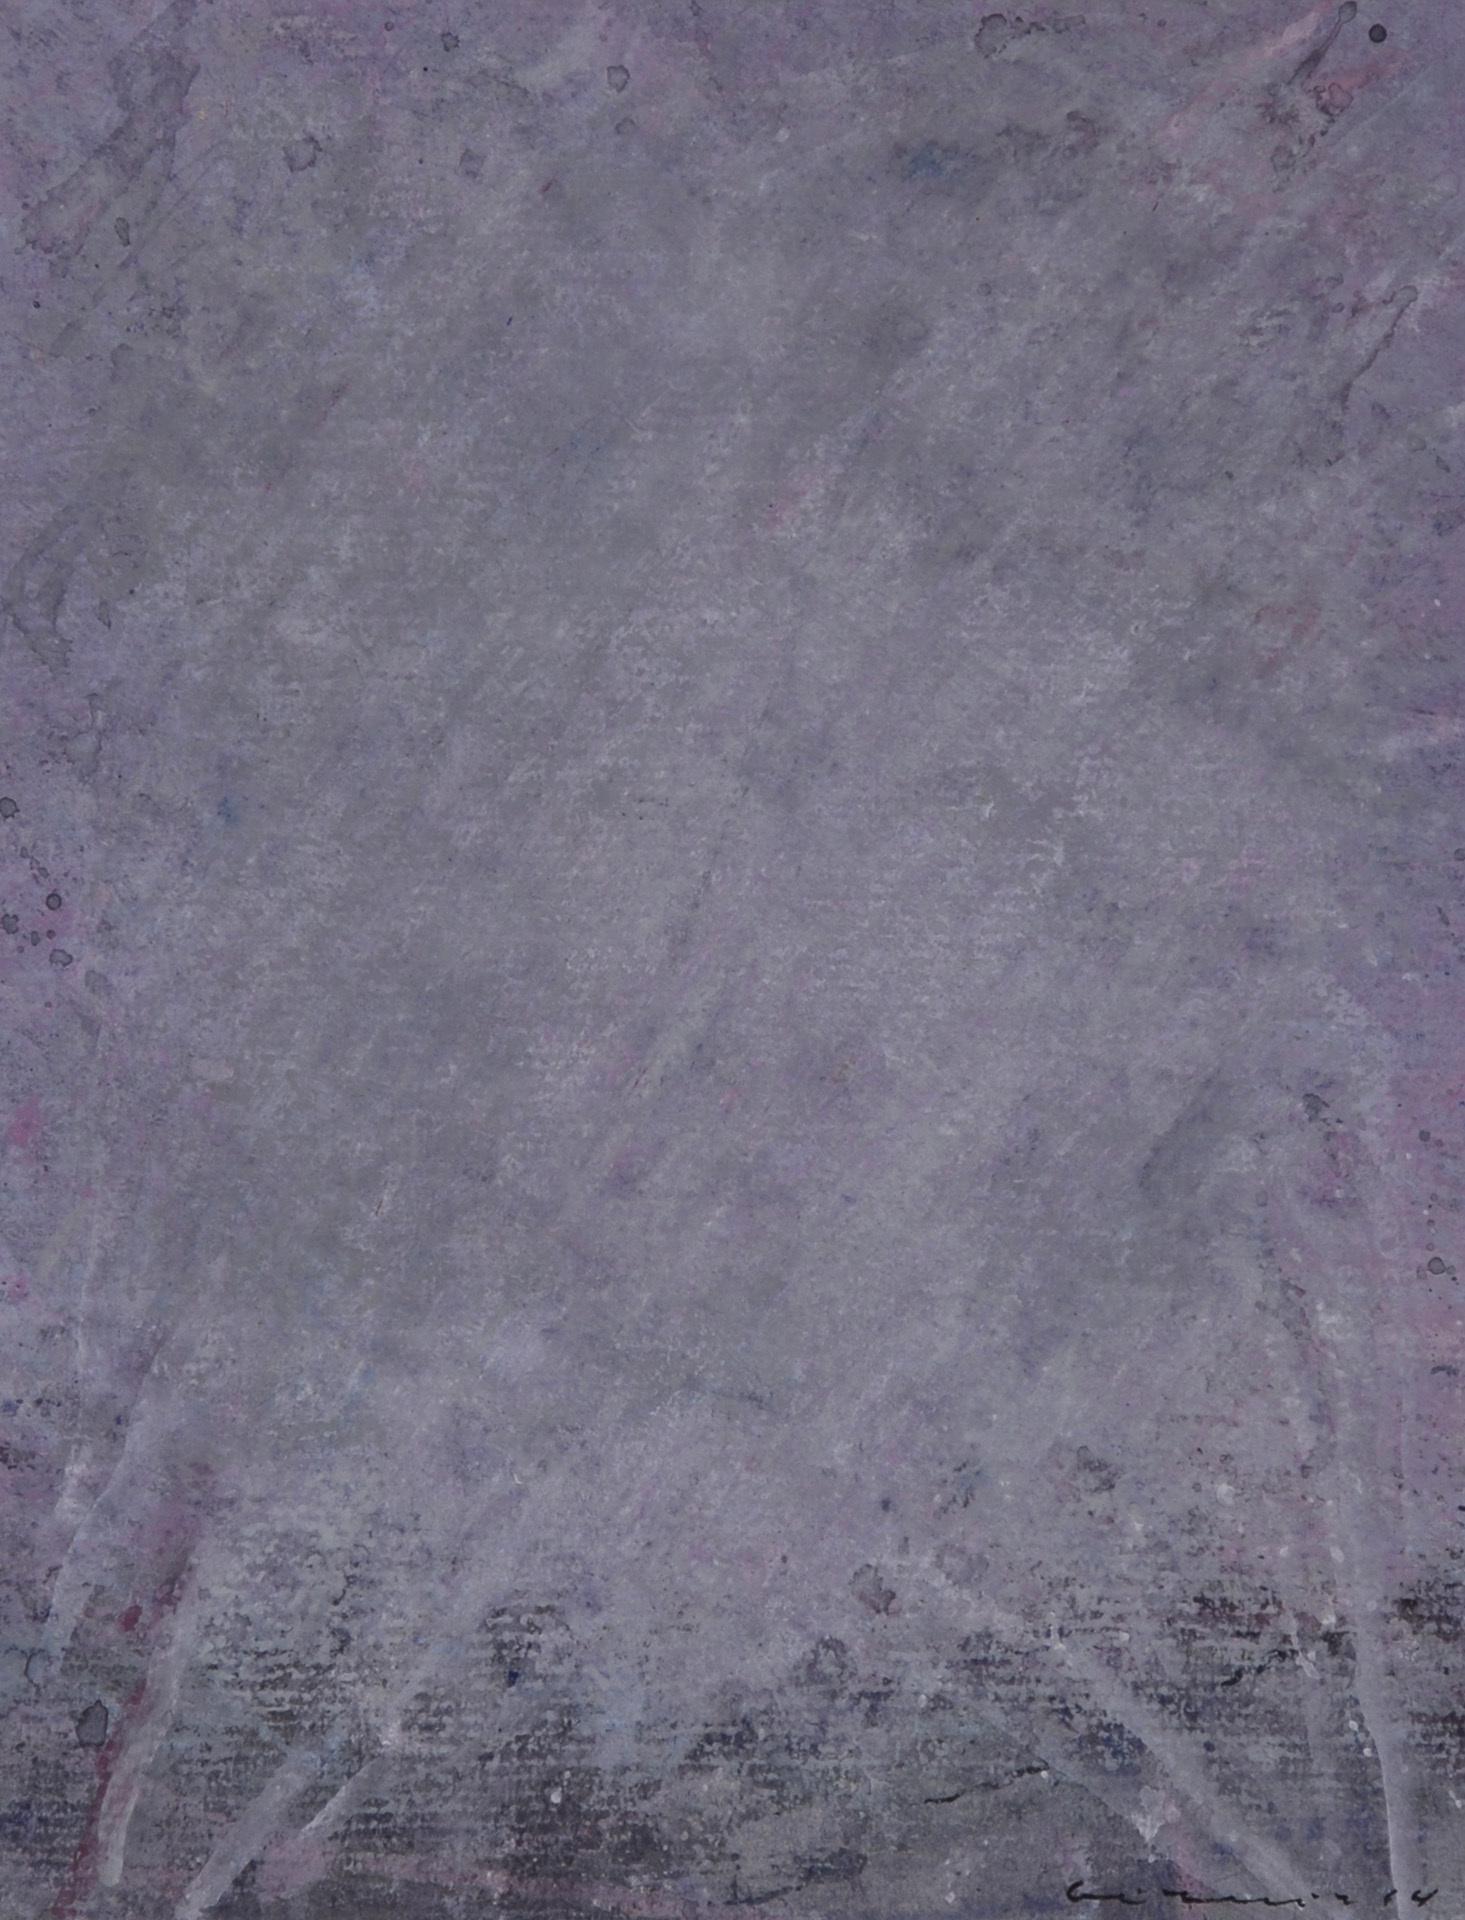 Berner Bernd, 3 sheets: Untitled, 1964 (2); Untitled